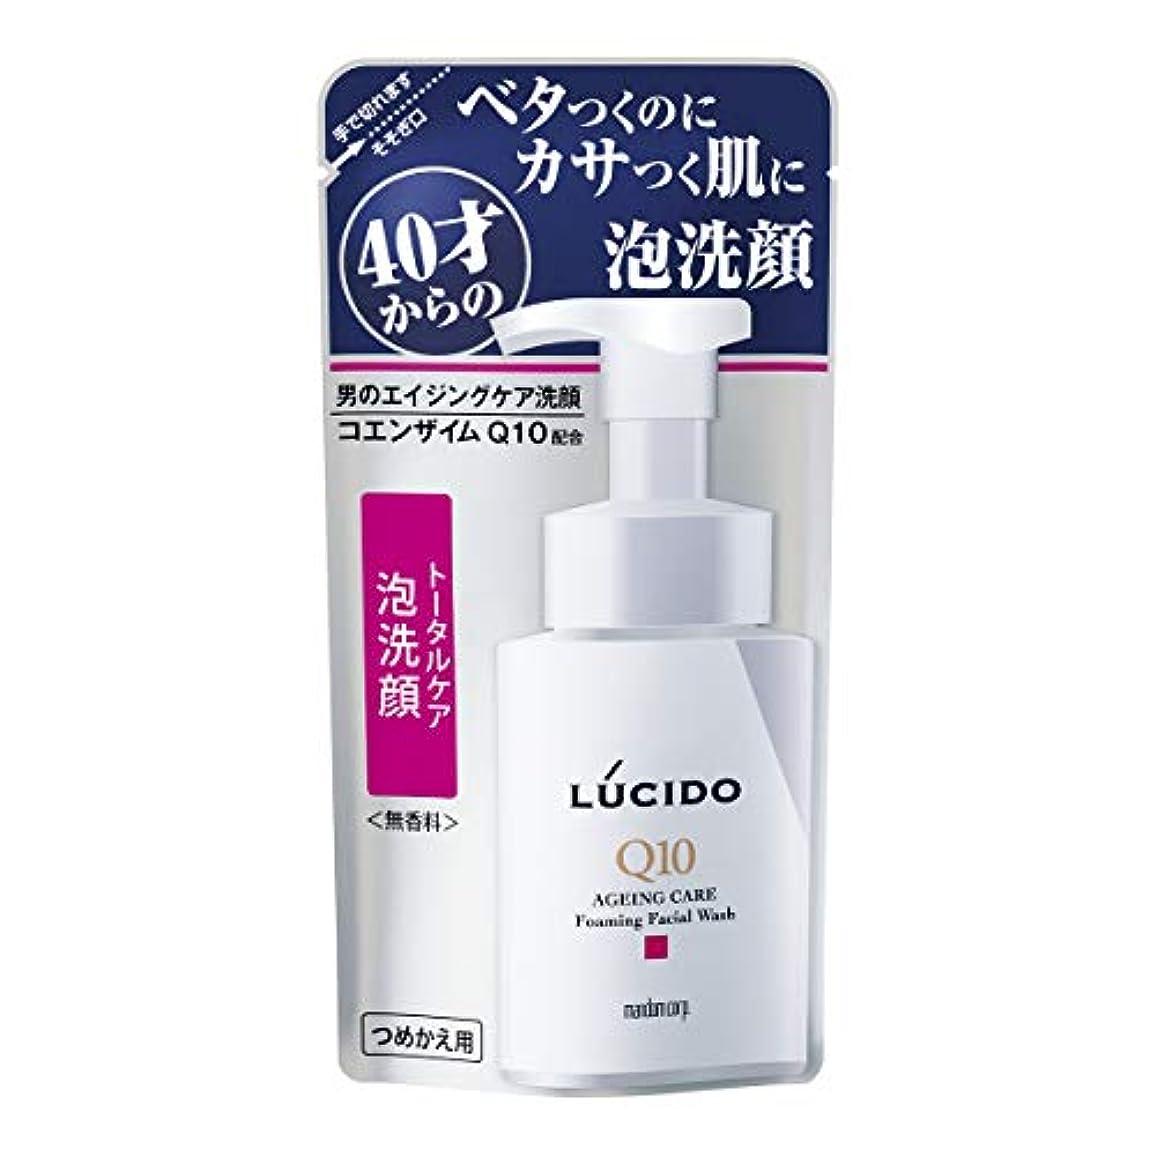 来て未知のジャンルLUCIDO(ルシード) トータルケア泡洗顔 つめかえ用 Q10 130mL